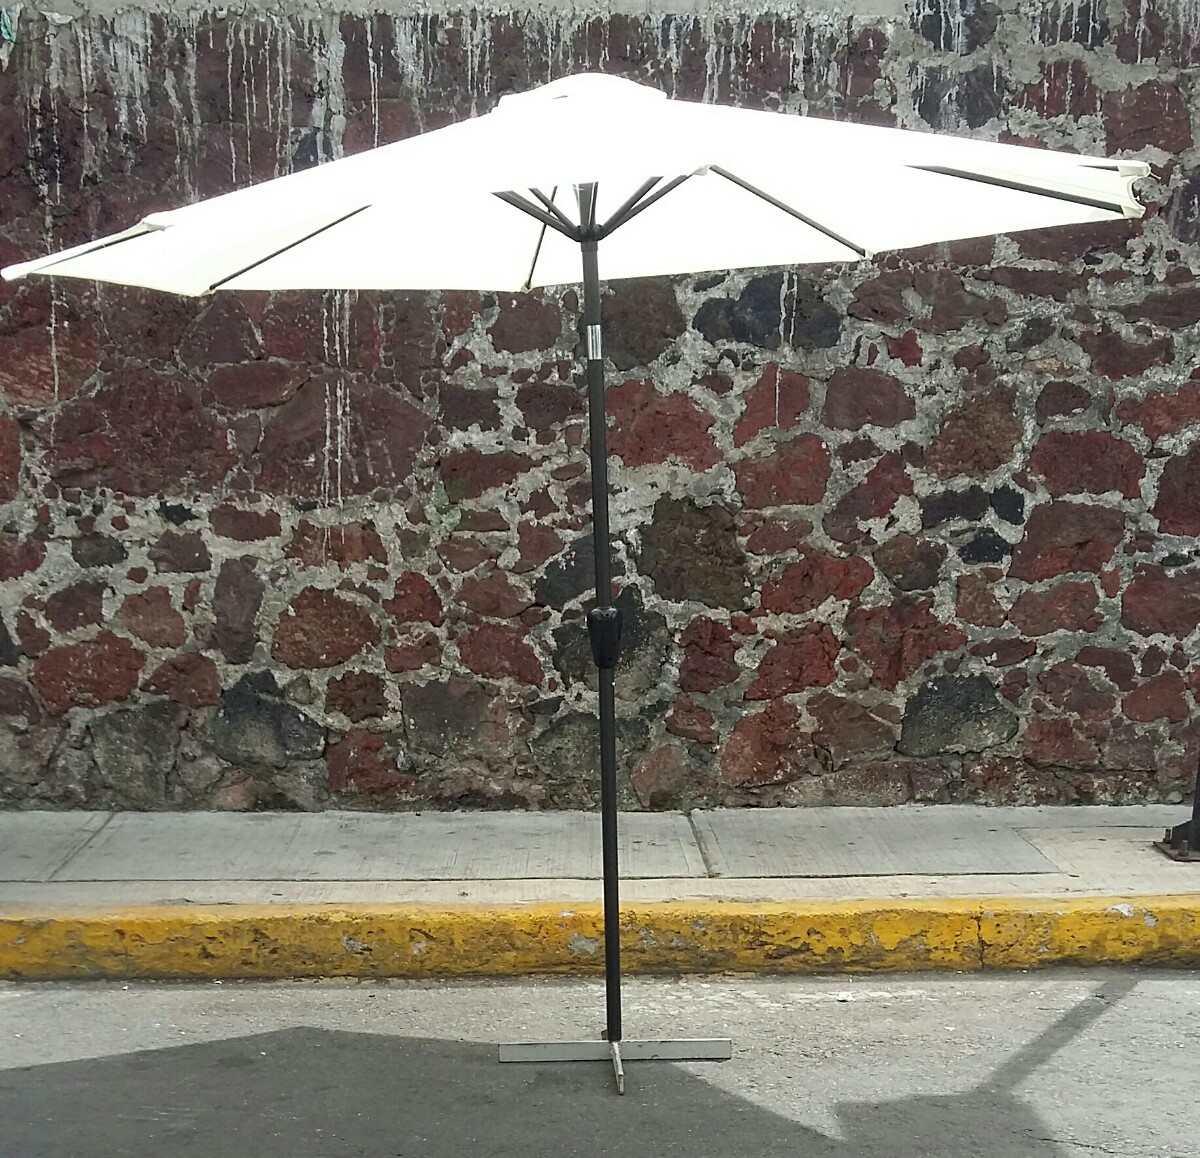 Sombrilla de jardin playa alberca con angulo de - Sombrilla de jardin ...